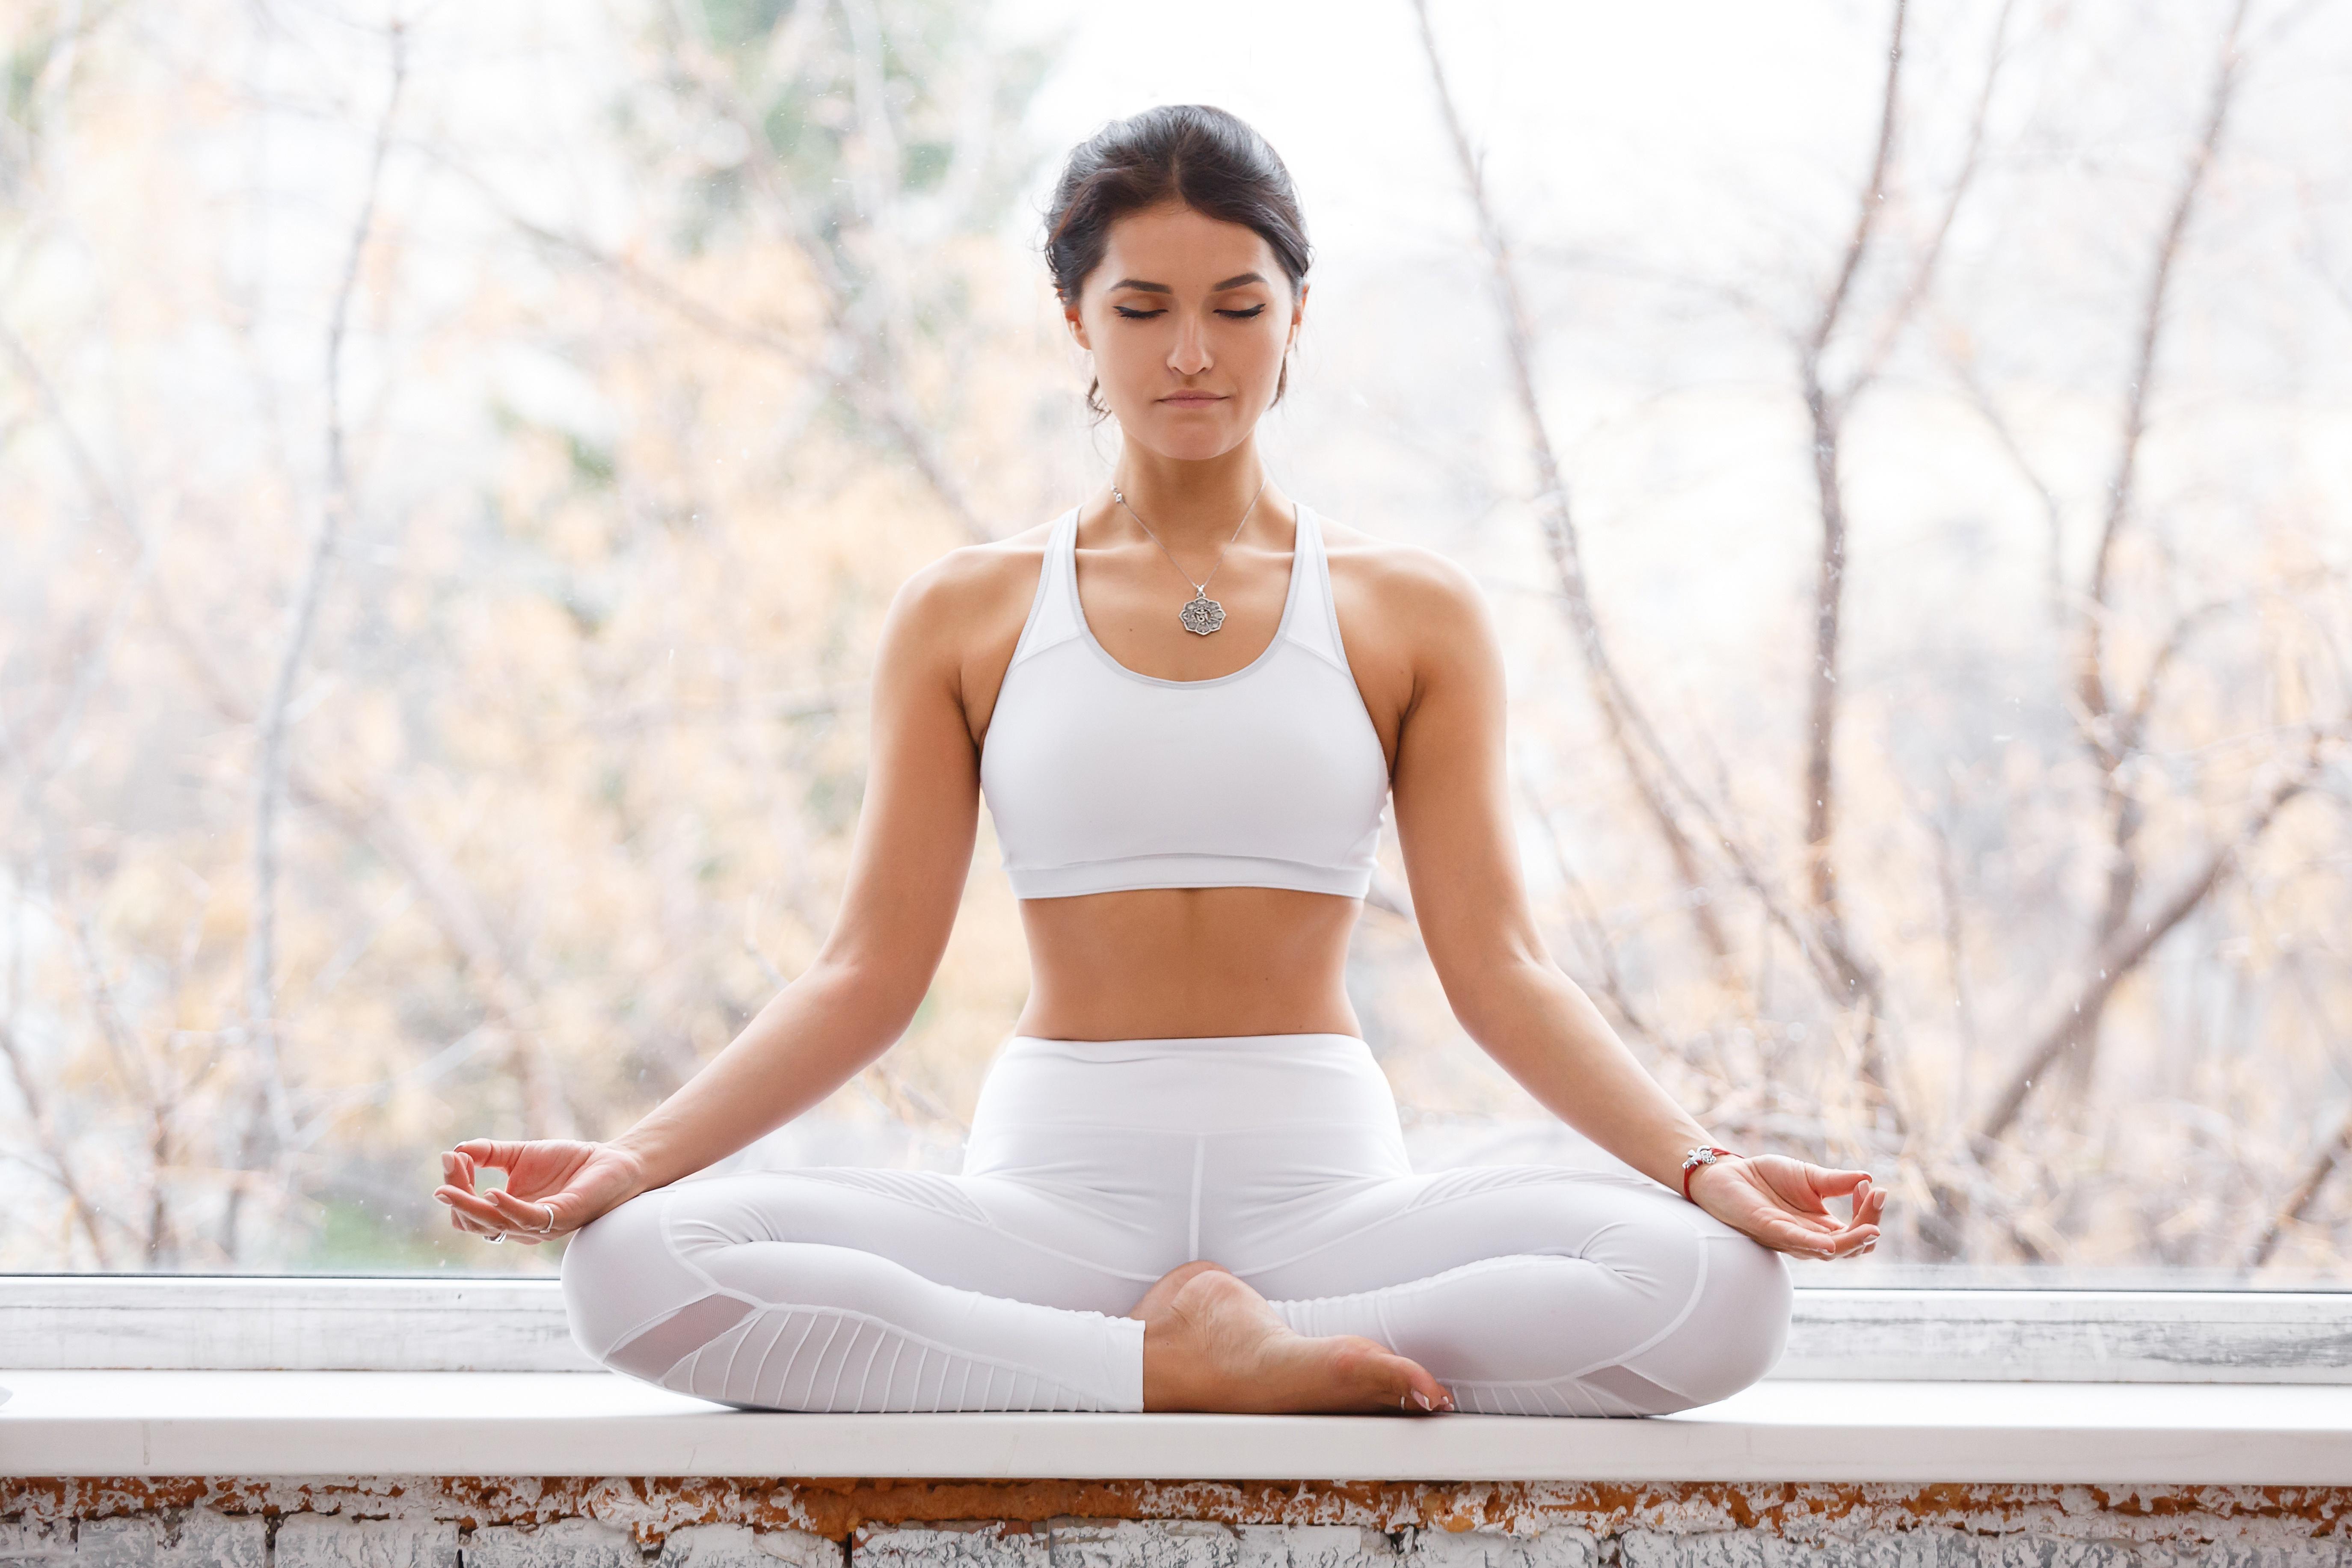 Медитация Для Похудения Доктора Гаврилова. Диета доктора Гаврилова - методика похудения, основные принципы и меню на каждый день